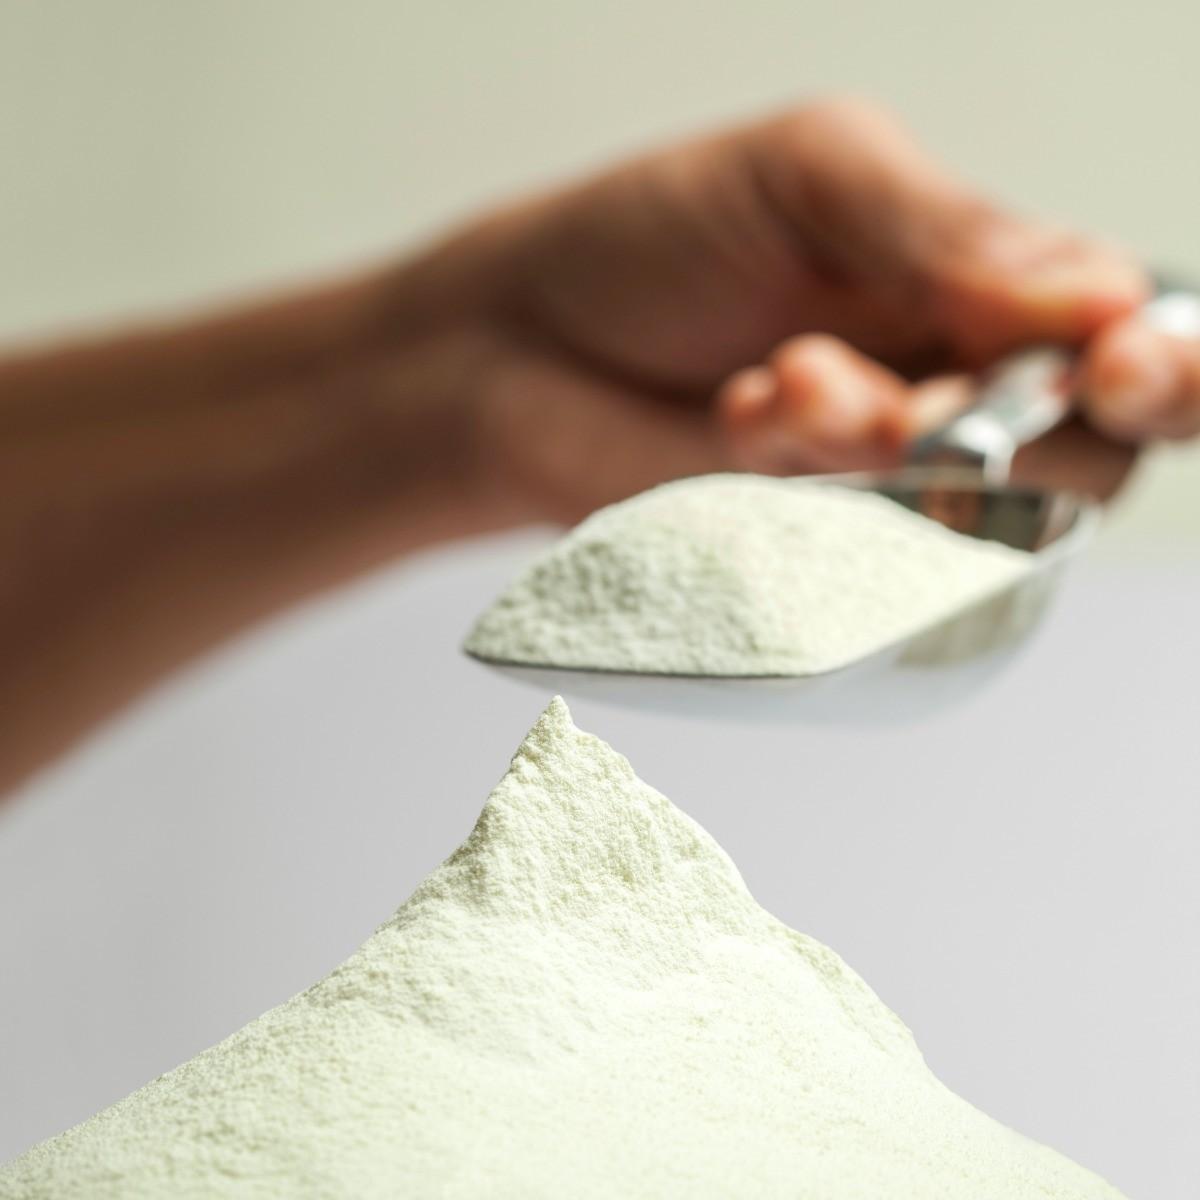 Powdered Milk Ice Cream Recipes | ThriftyFun